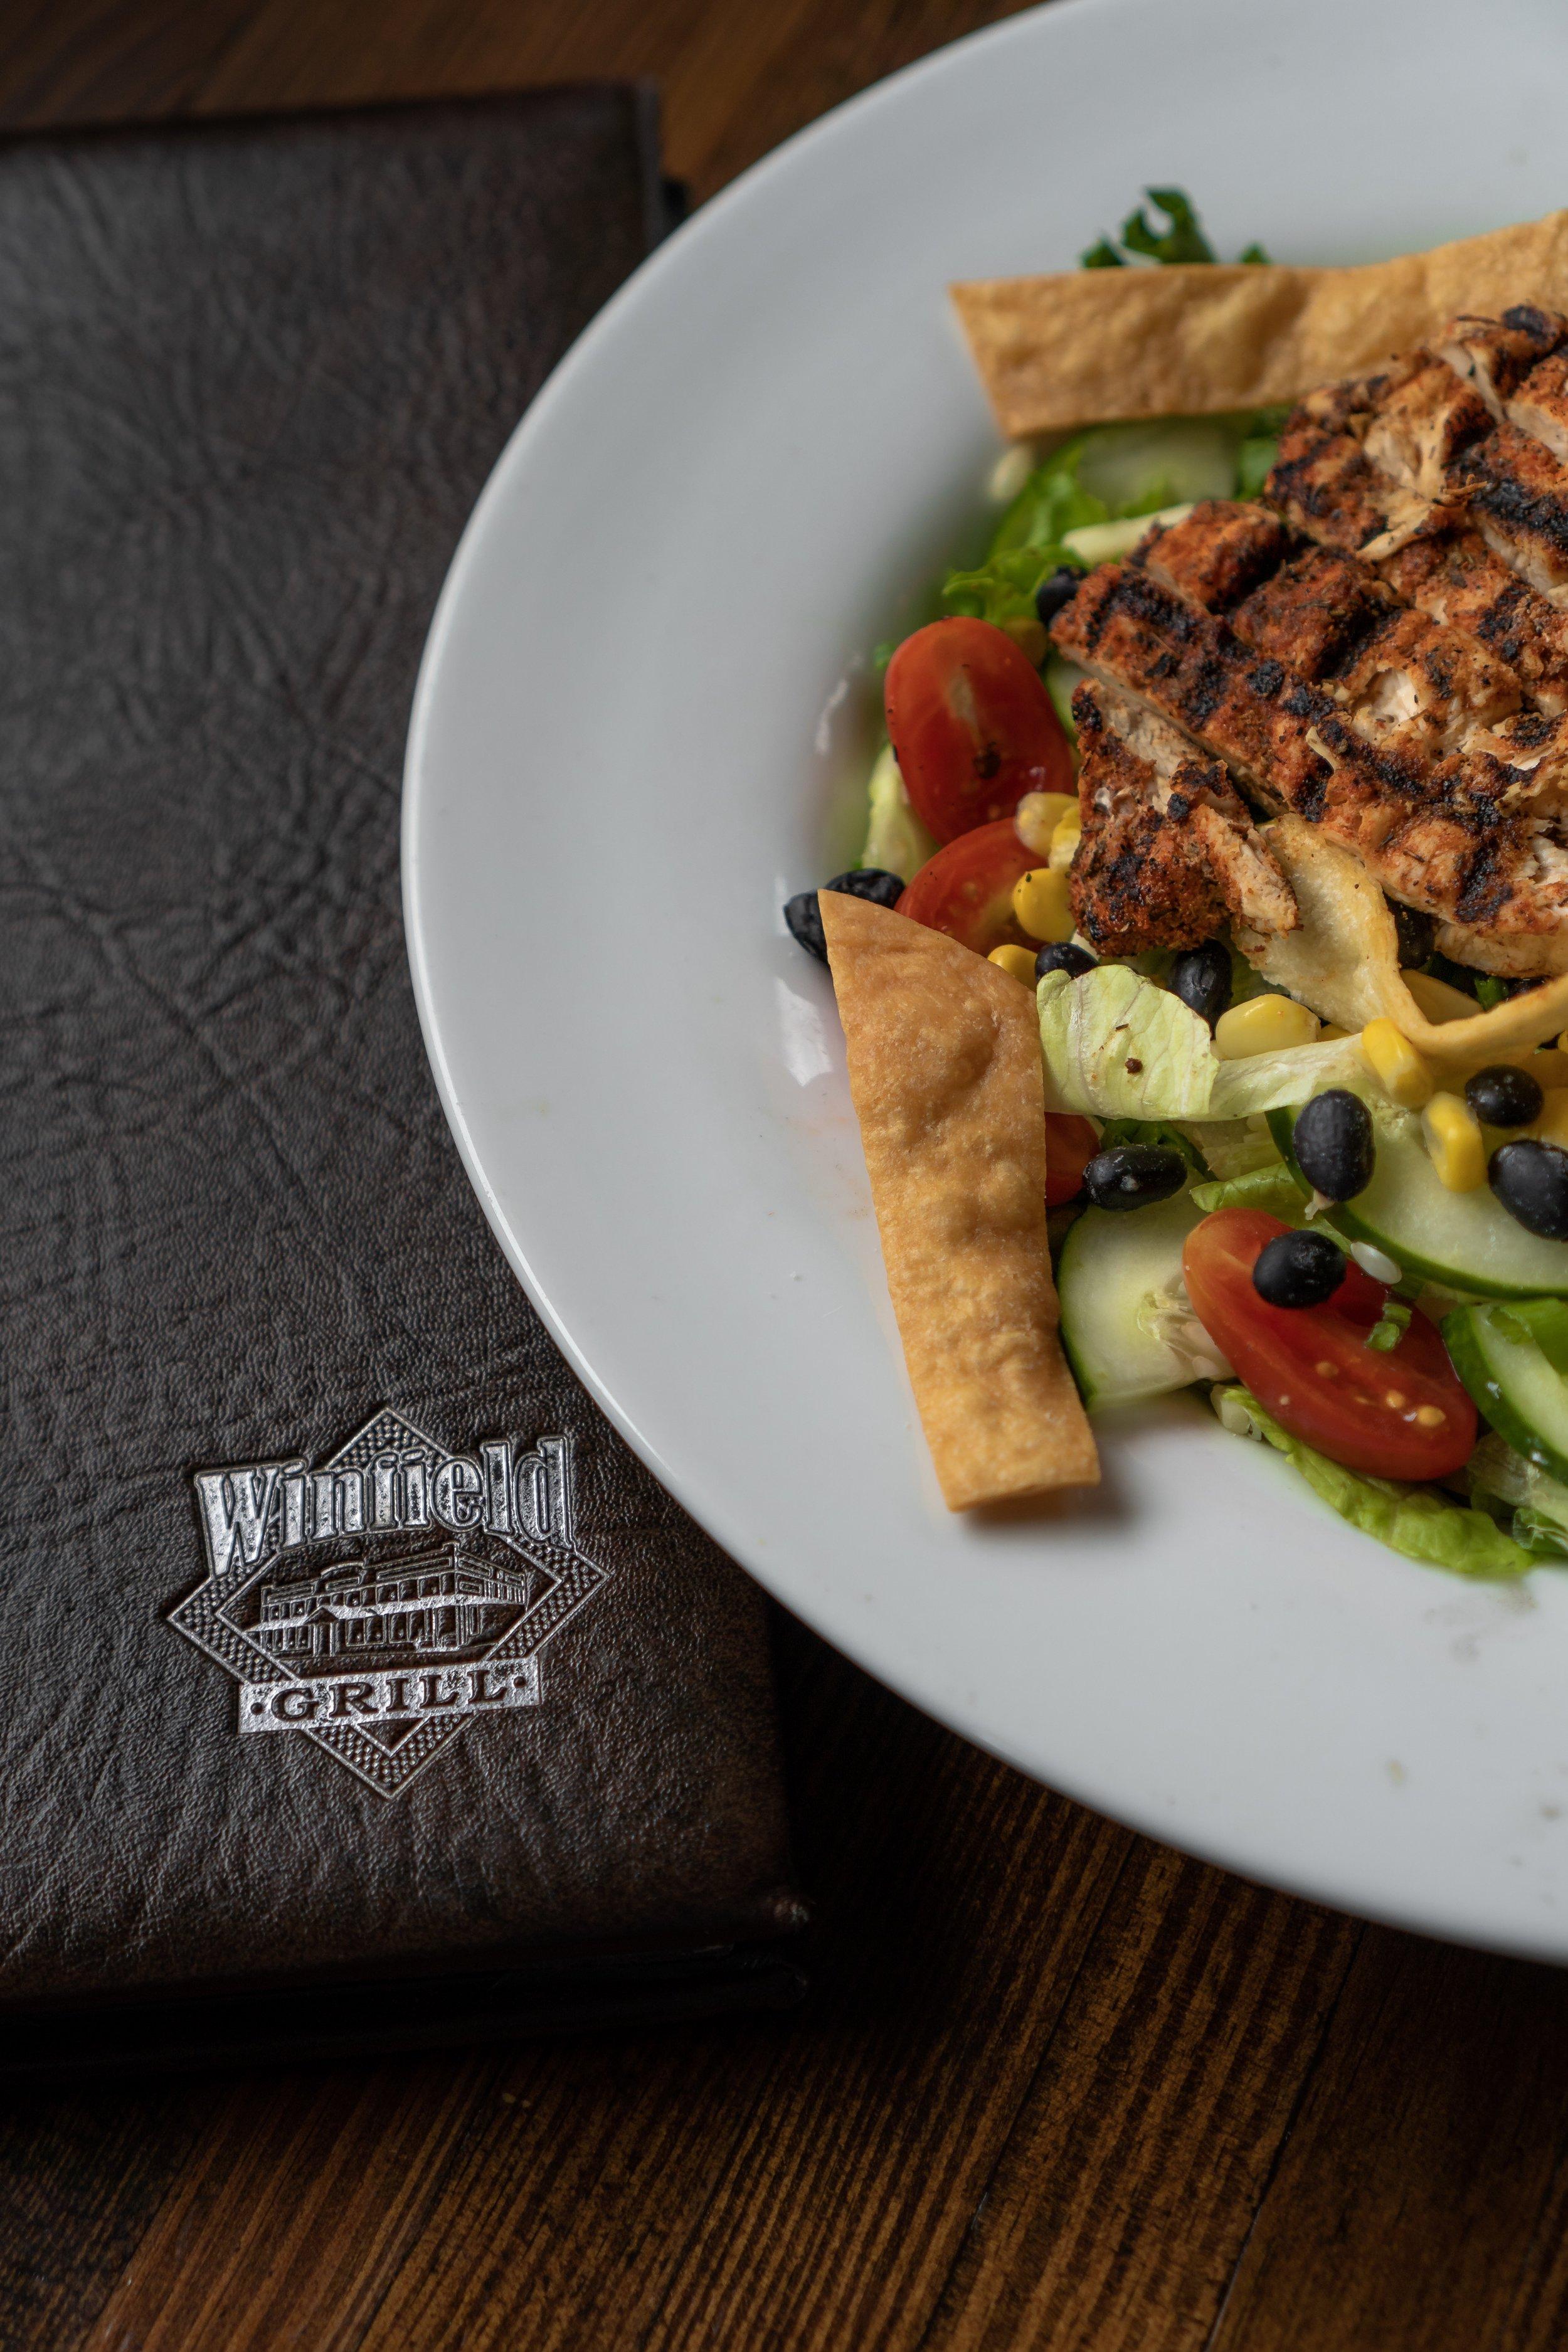 Winfield Grill's Cajun Fajita Salad